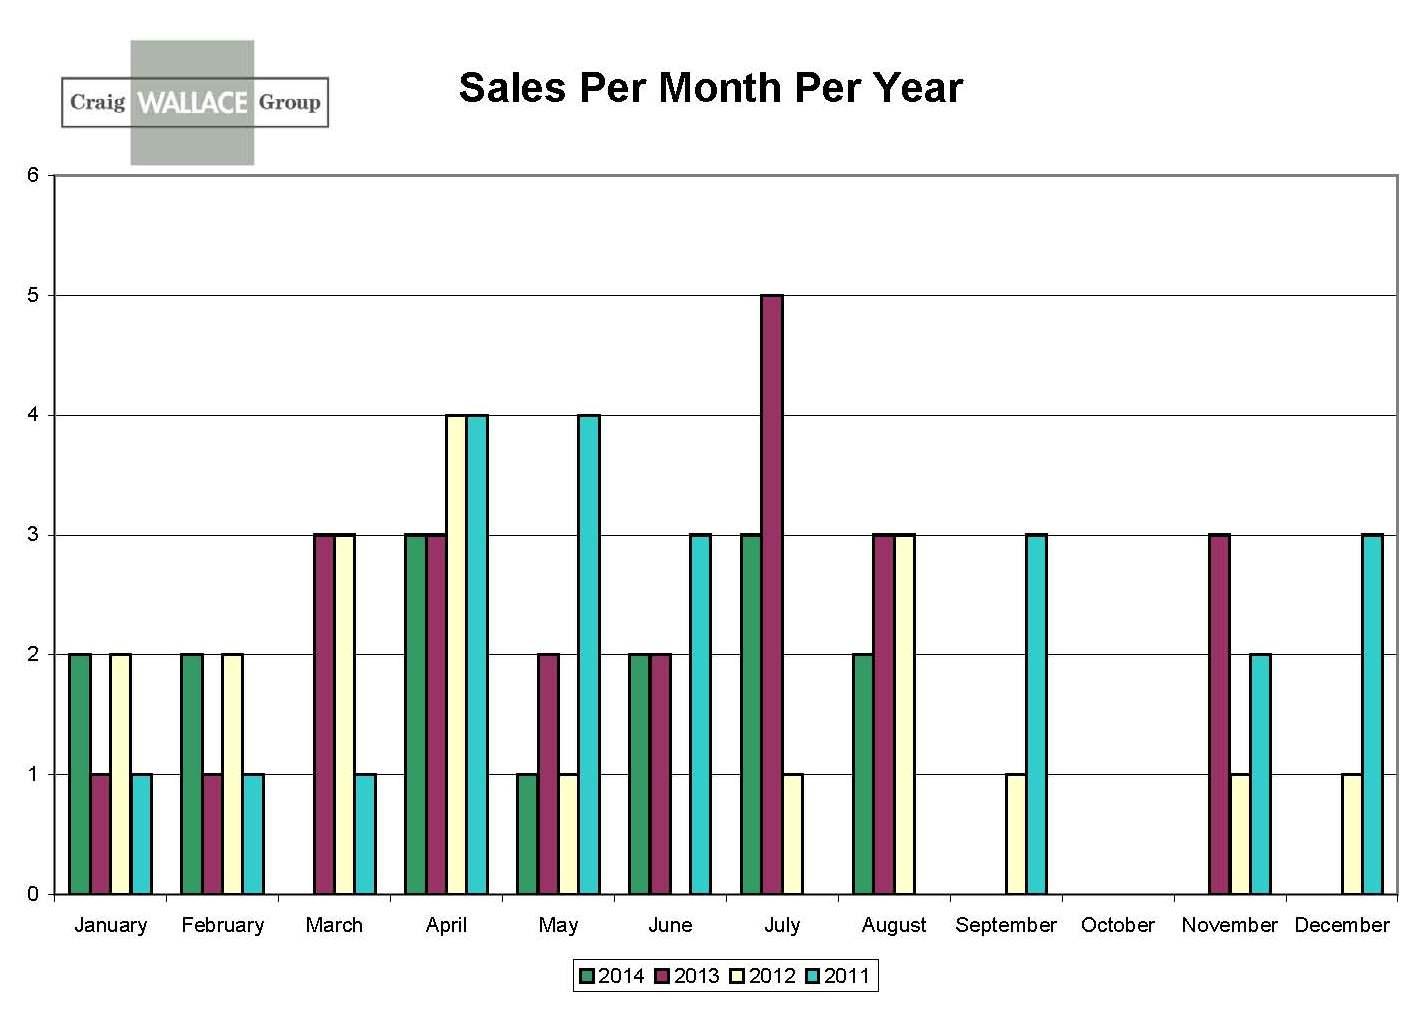 Viagra sales per year